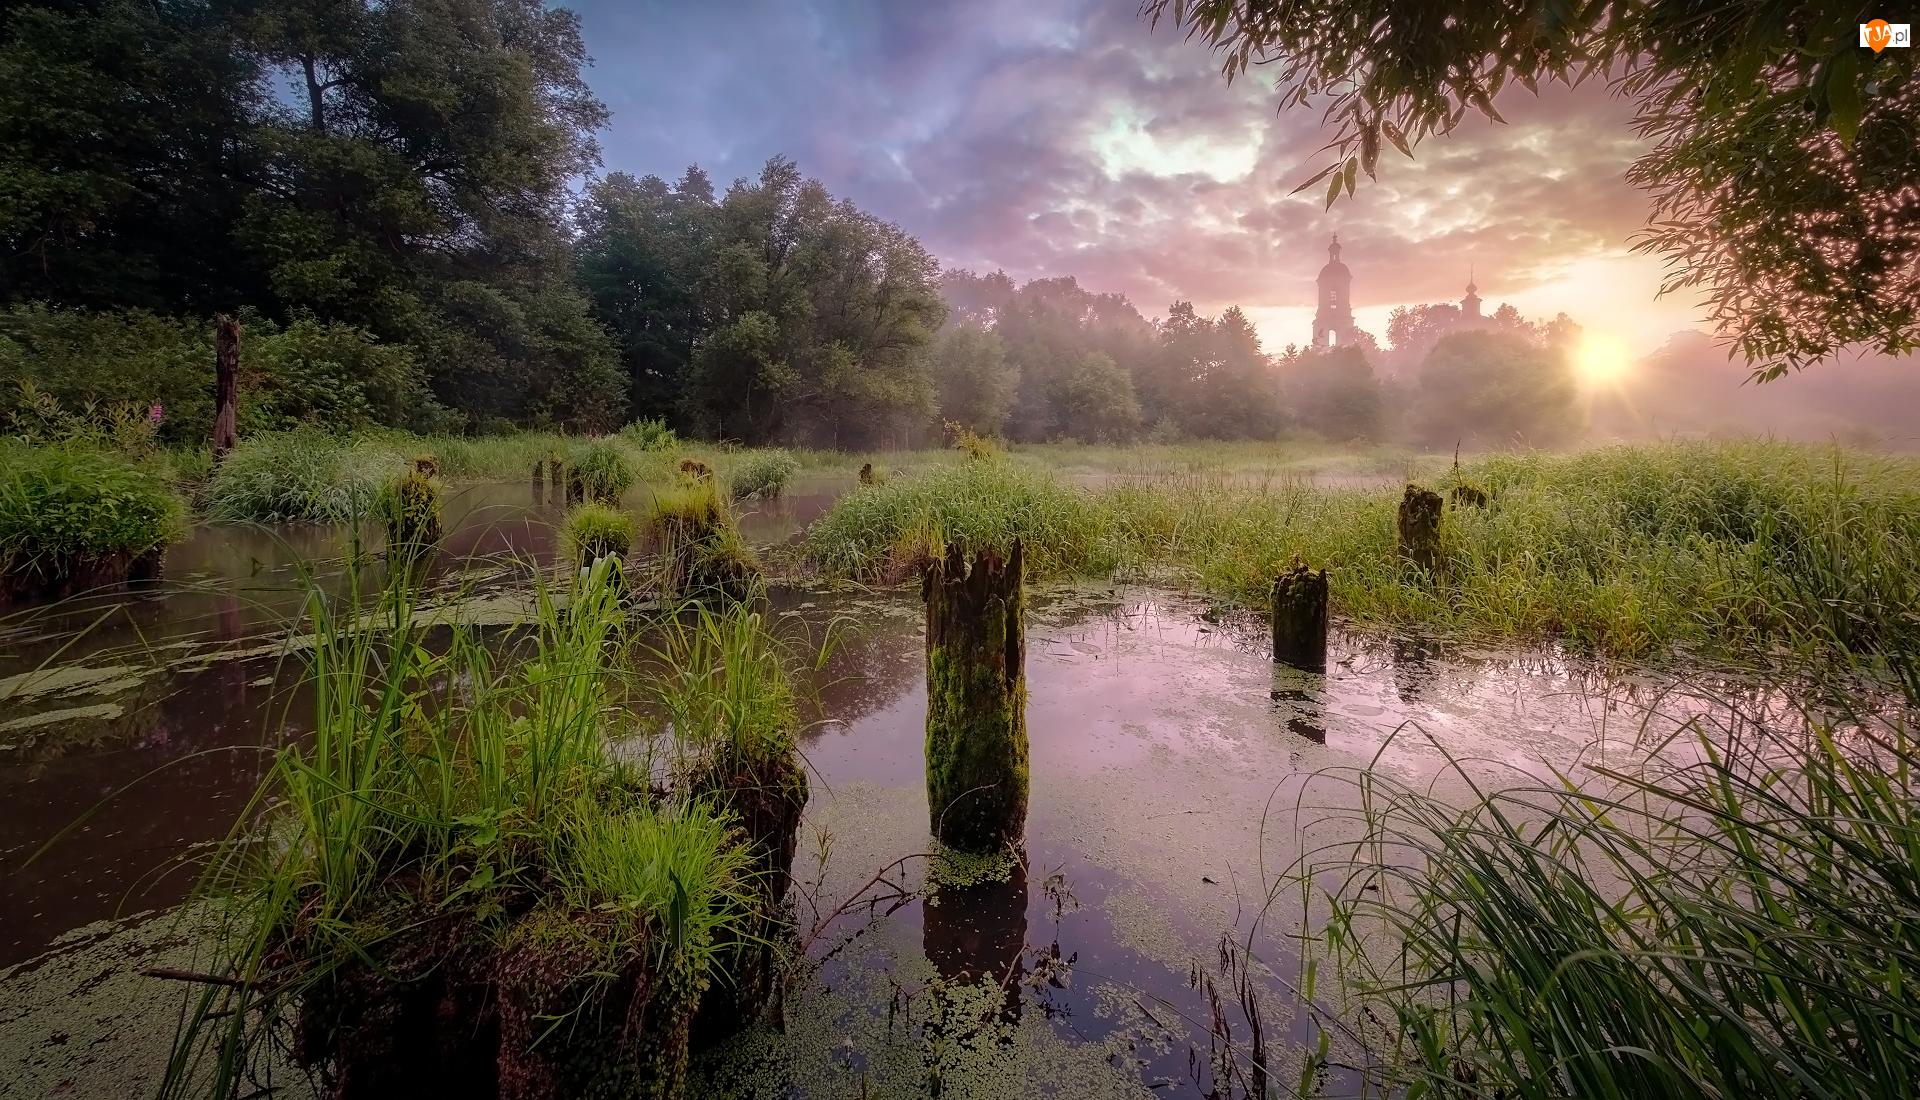 Drzewa, Rzeka, Wschód słońca, Cerkiew, Trawa, Kołki